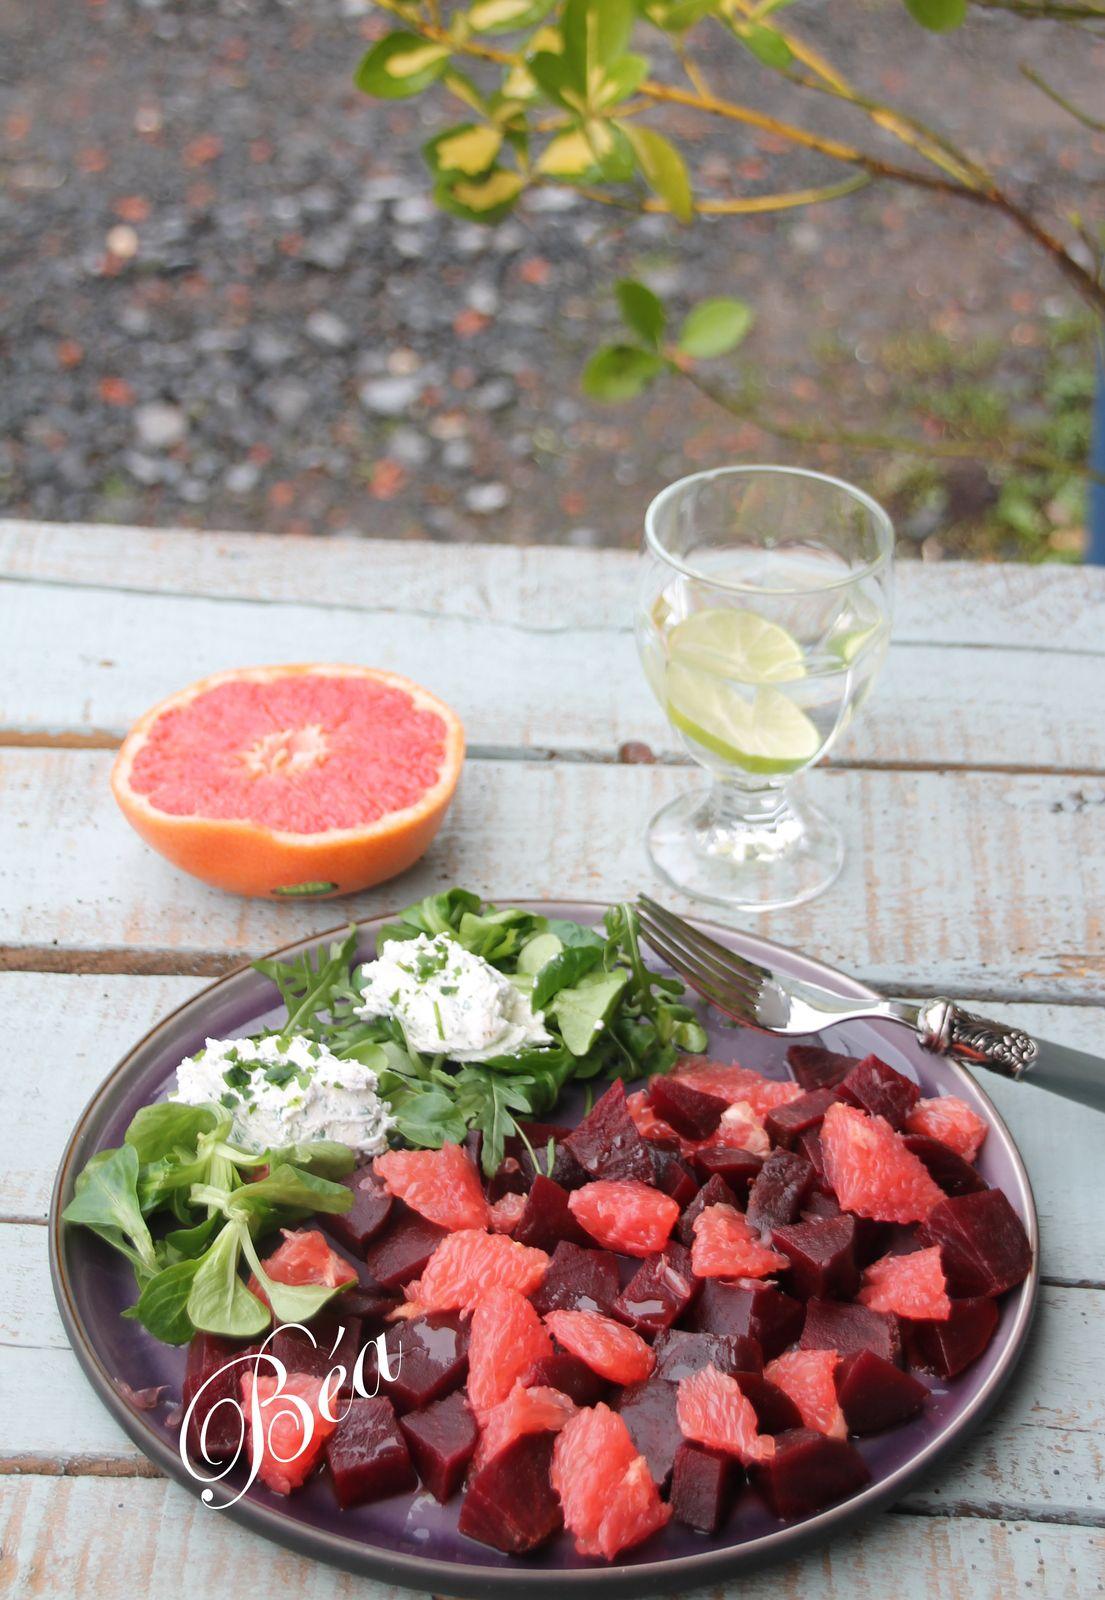 Salade de betteraves rouges, pamplemousse et chèvre frais